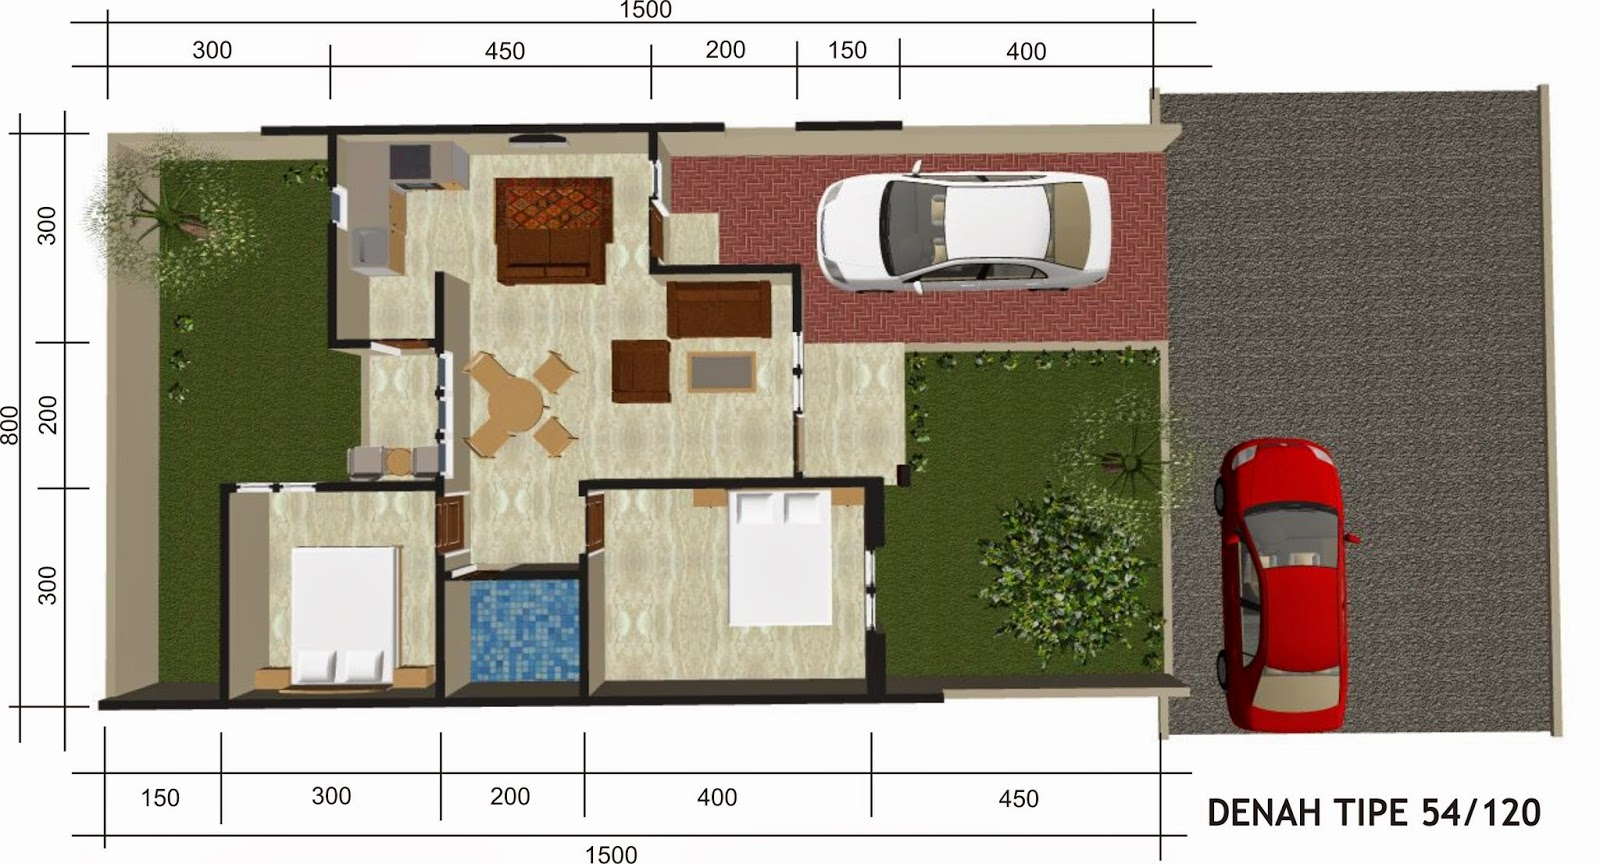 61 Desain Rumah Minimalis Type 54 Desain Rumah Minimalis